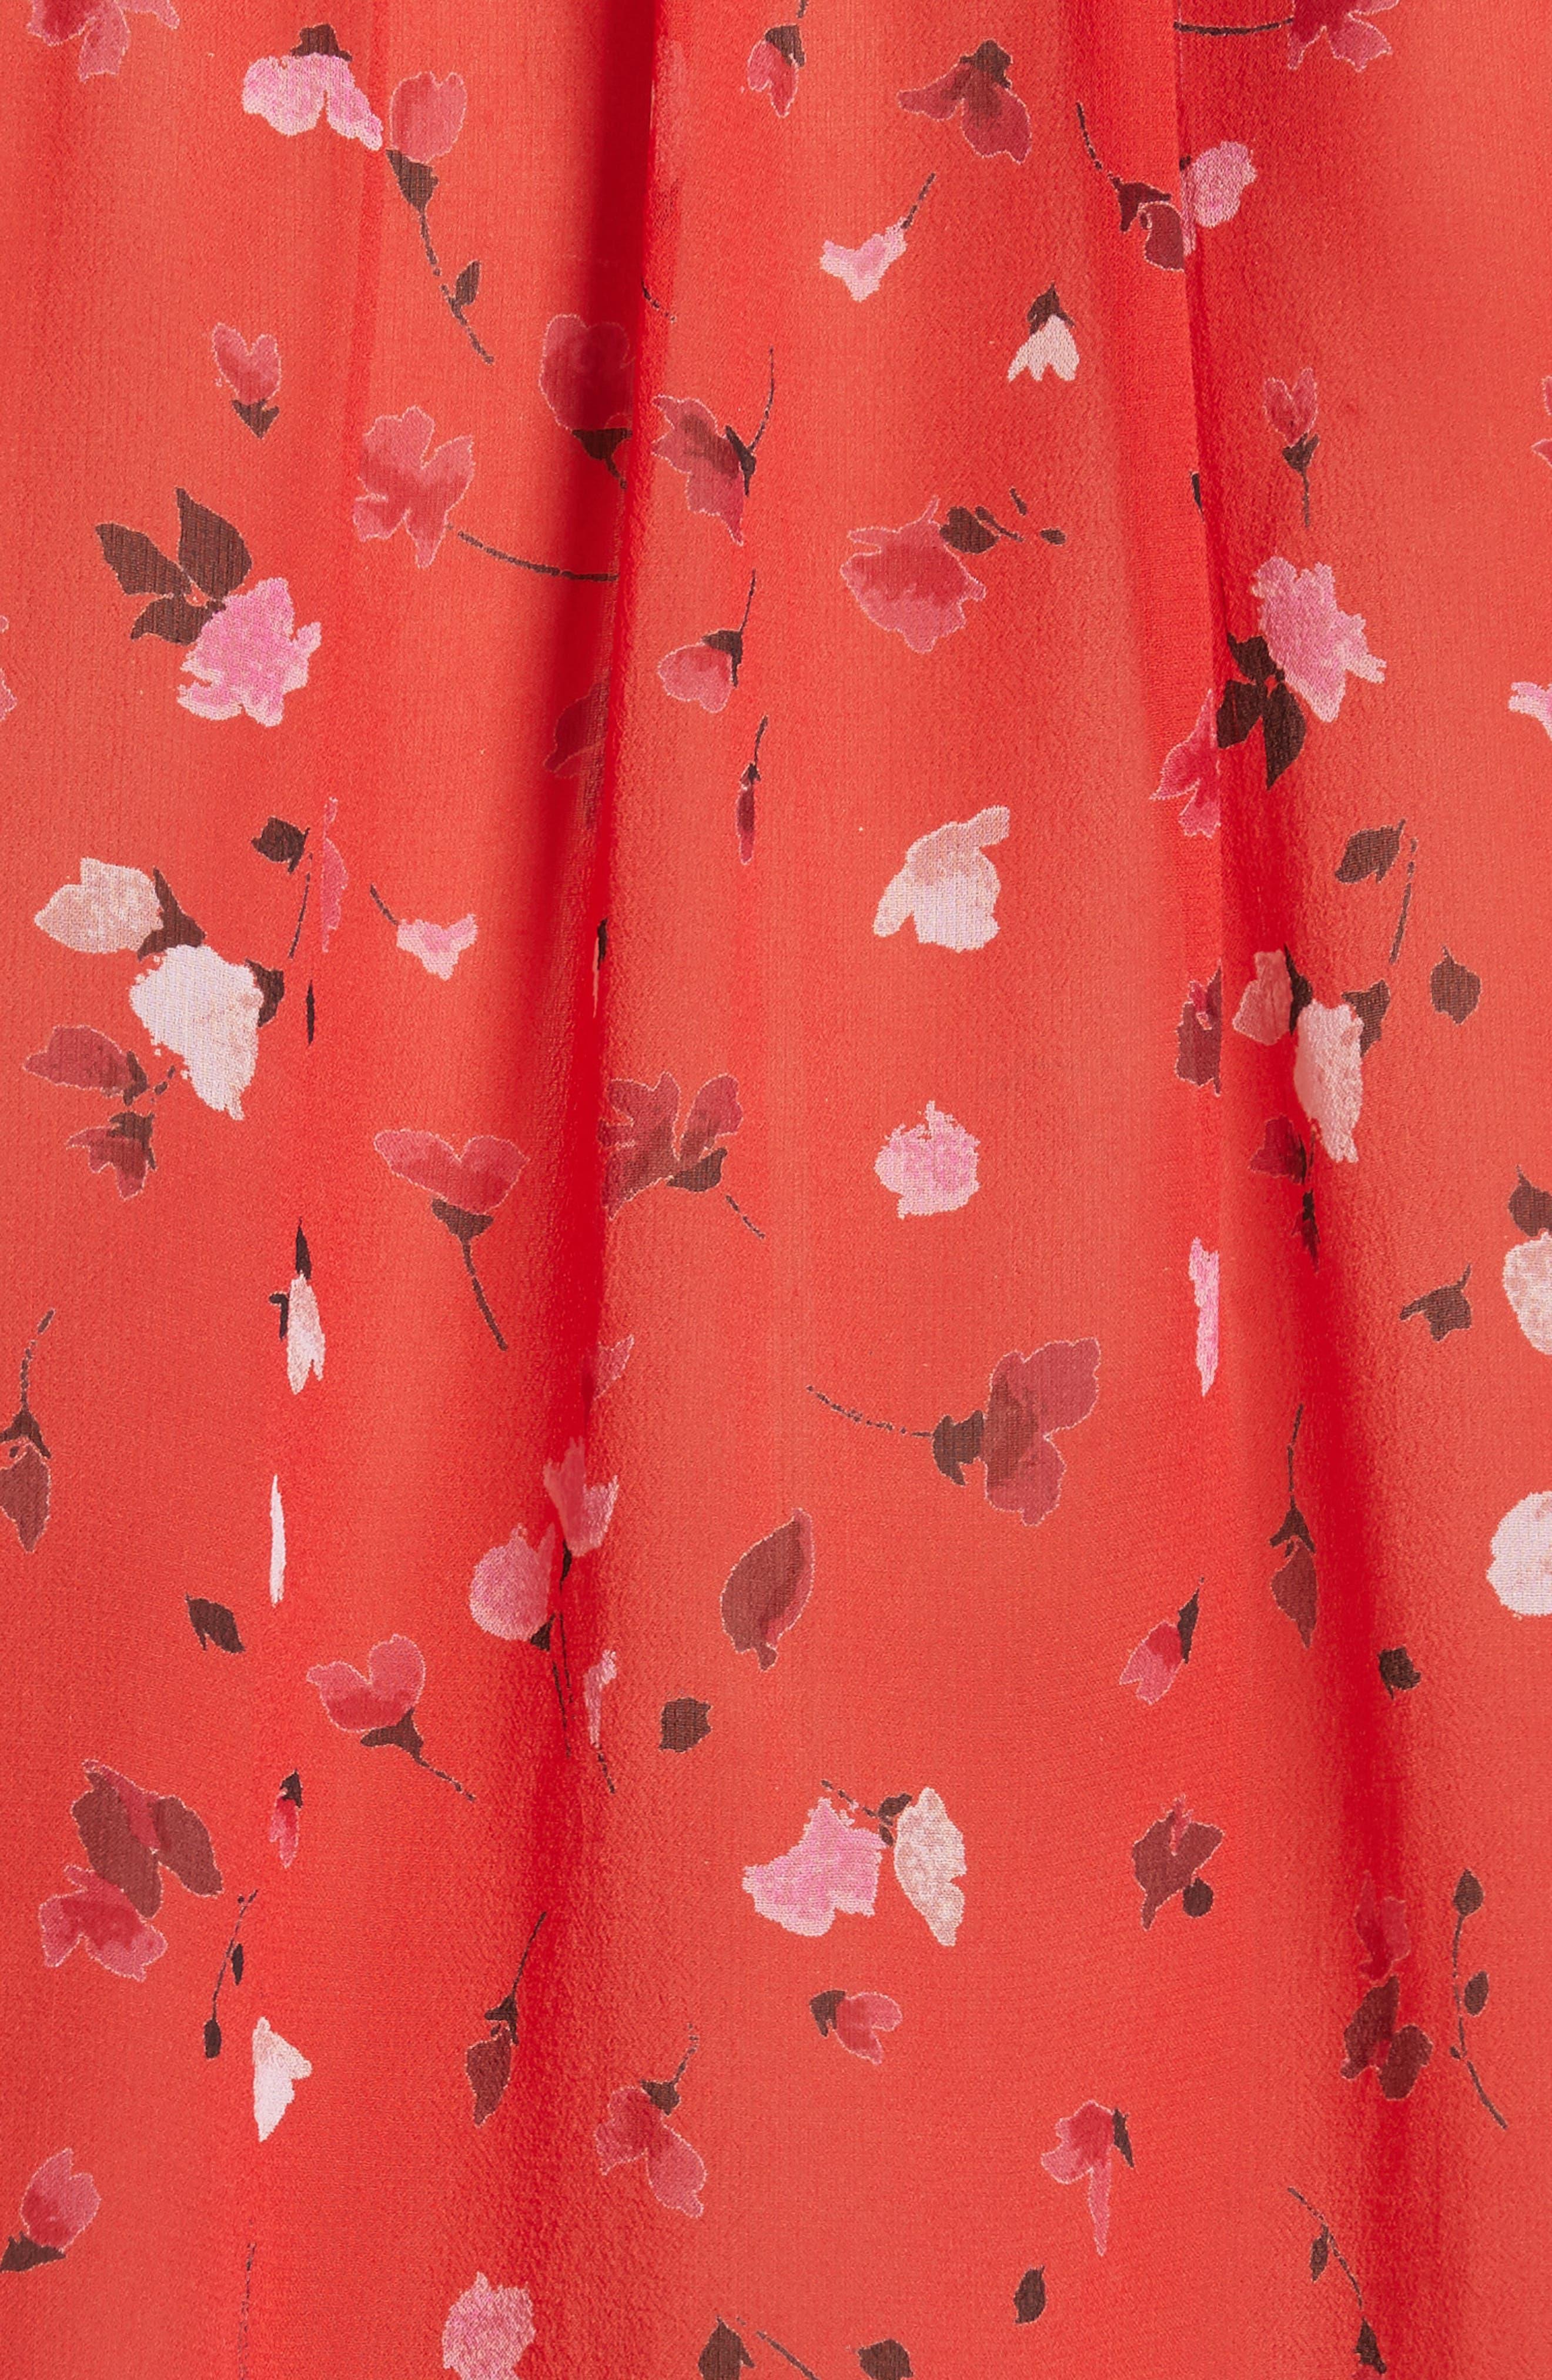 Gualberta Smocked Silk Chiffon Top,                             Alternate thumbnail 5, color,                             600